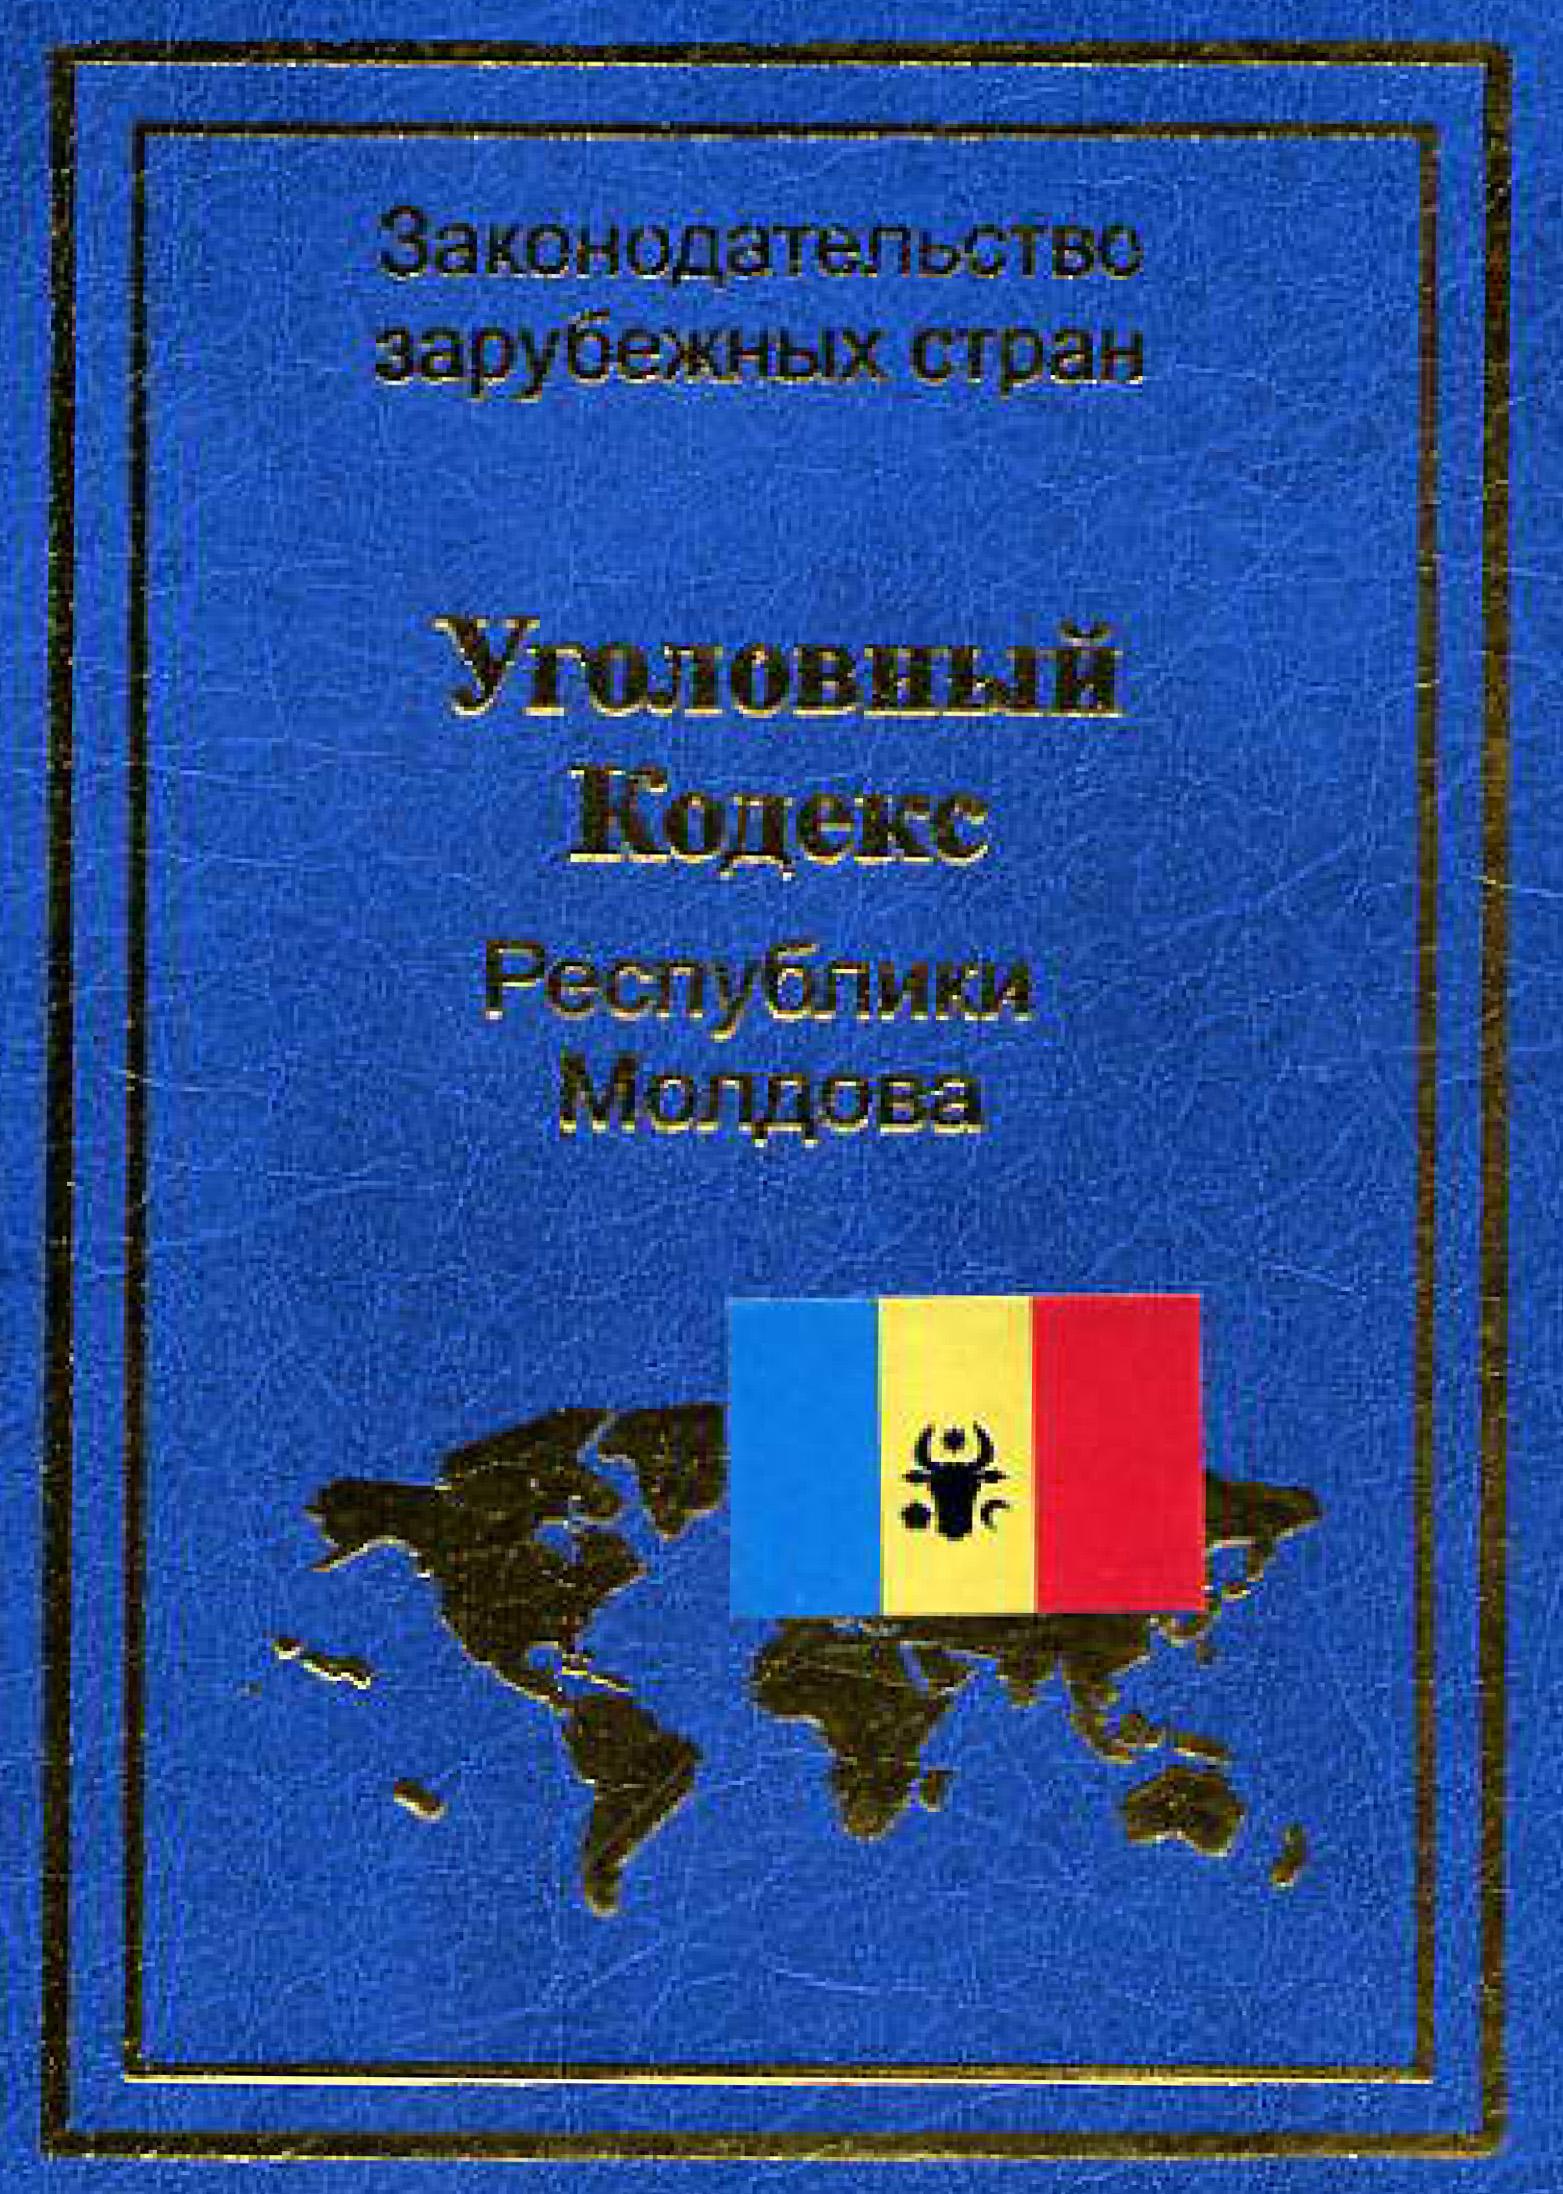 Нормативные правовые акты Уголовный кодекс Республики Молдова нормативные правовые акты уголовный кодекс республики молдова